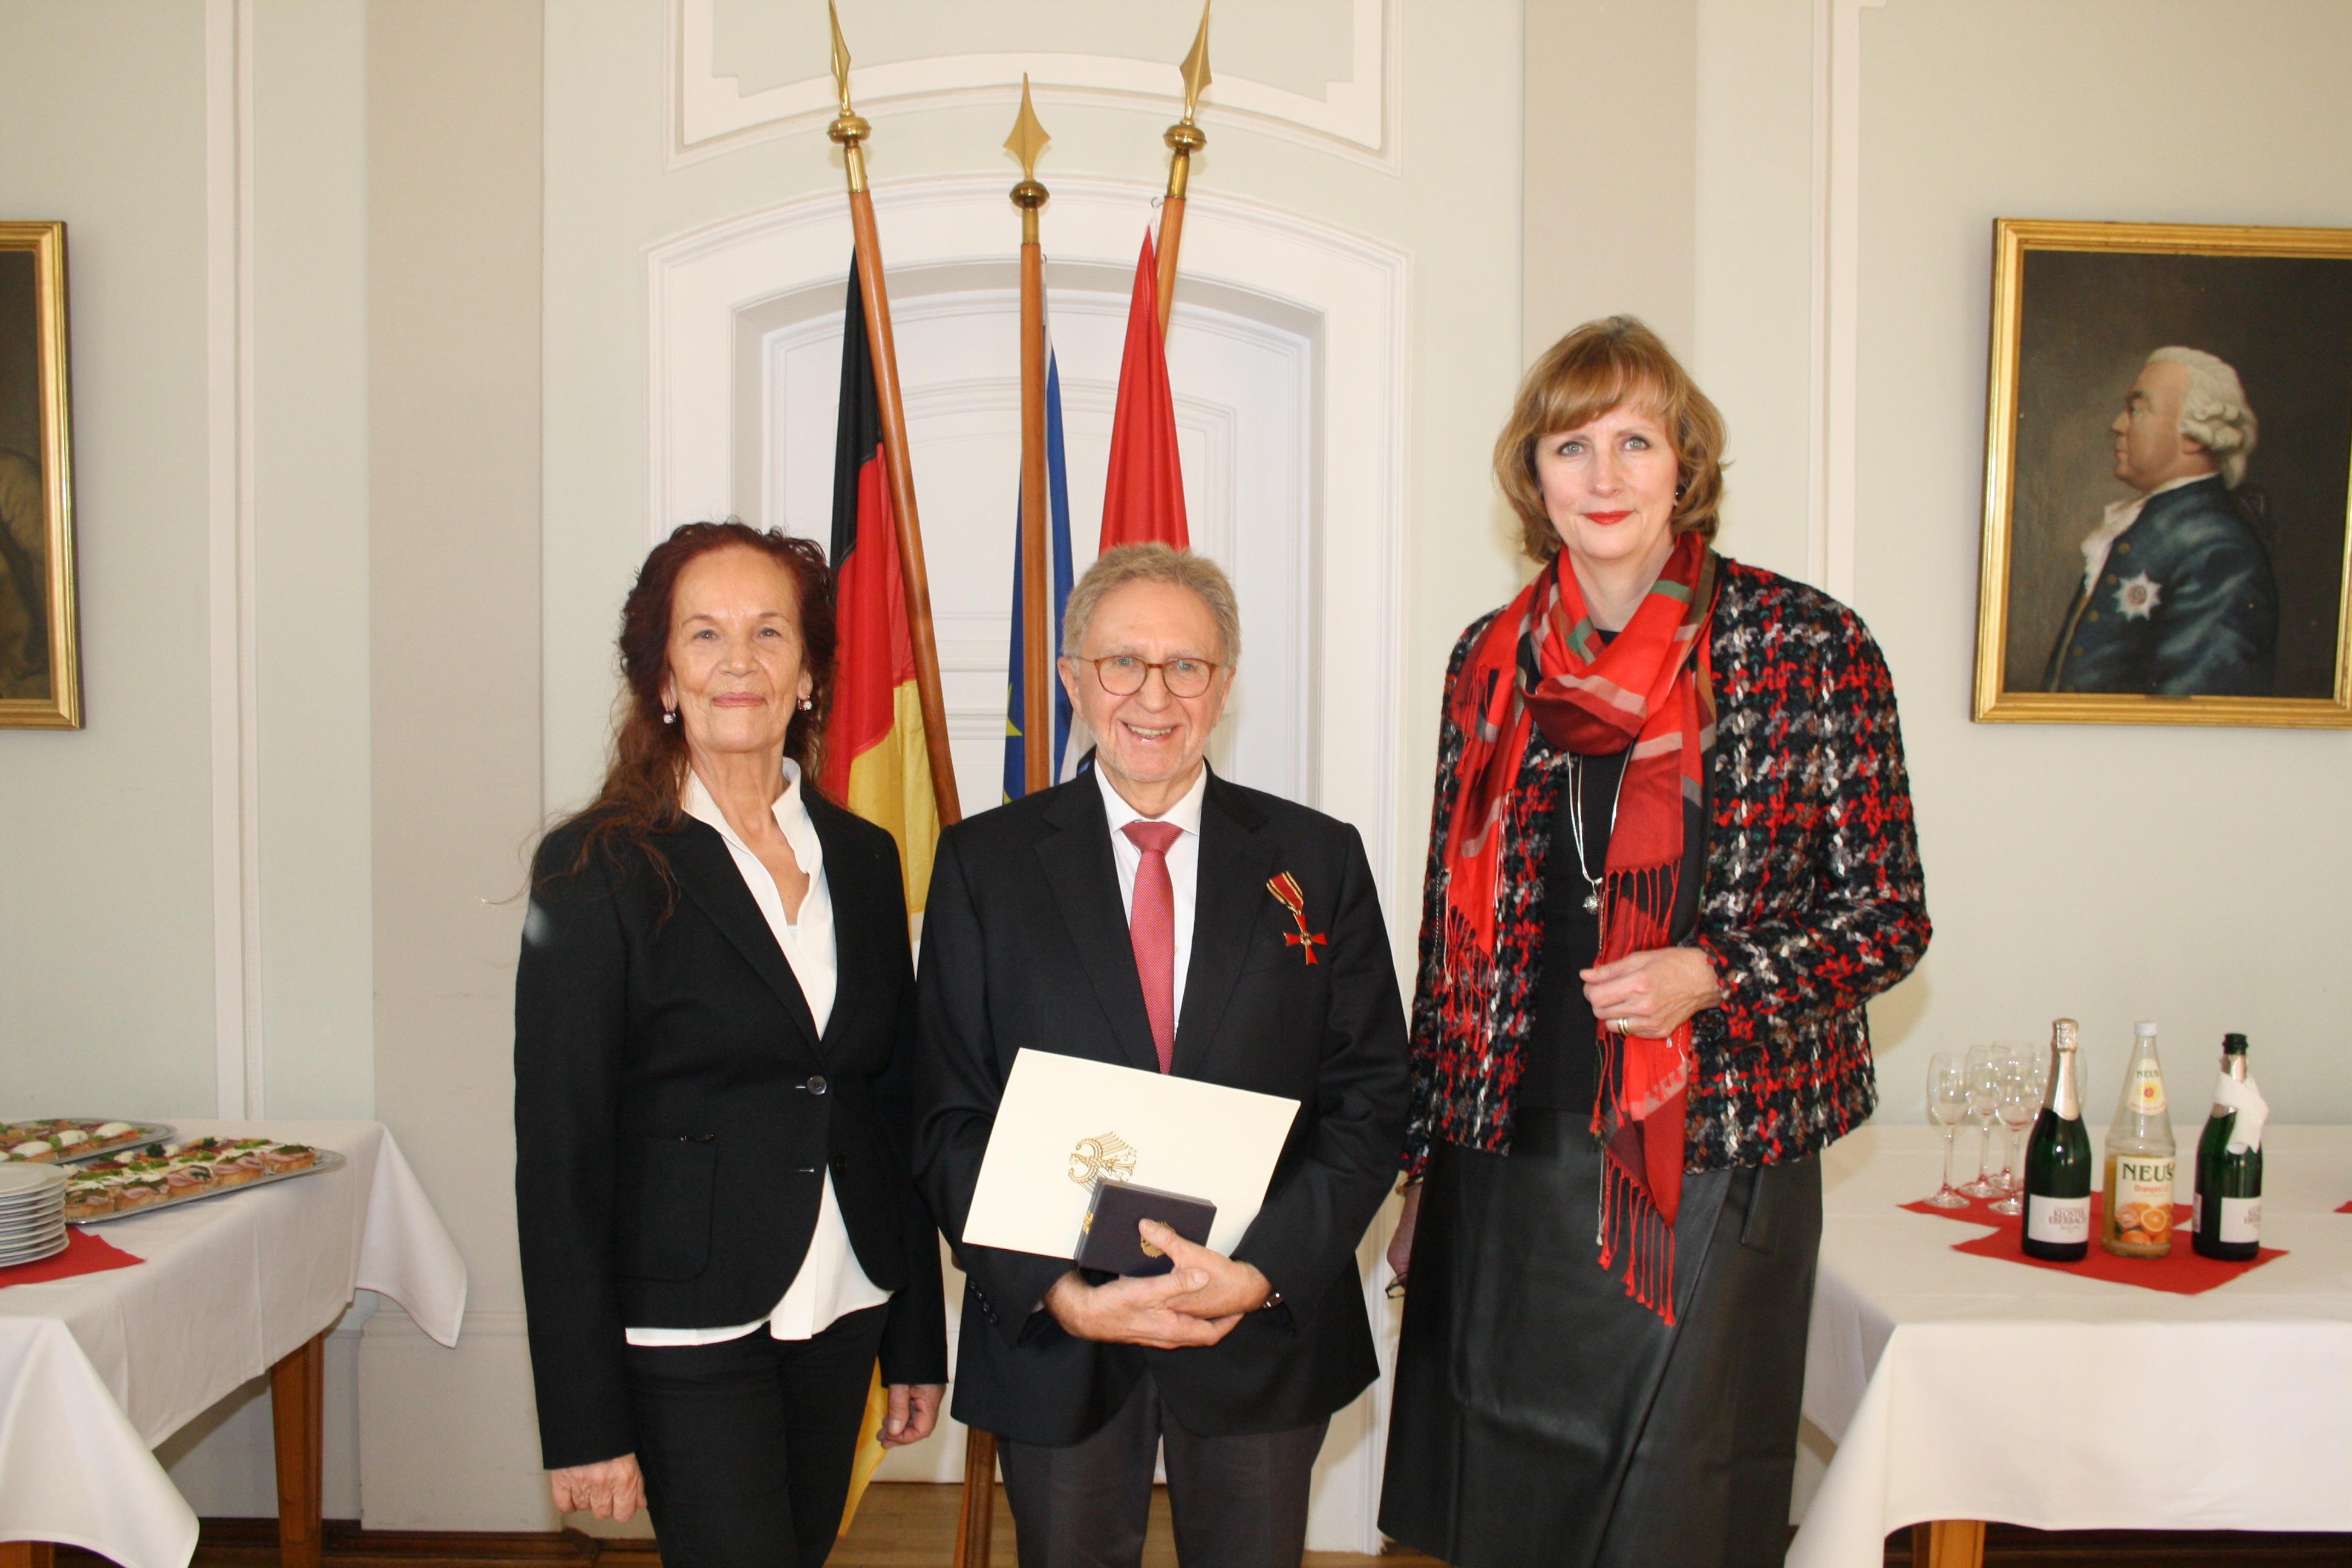 Dr. Peter Büttner mit Ehefrau Anne und Regierungspräsidentin Brigitte Lindscheid (rechts).